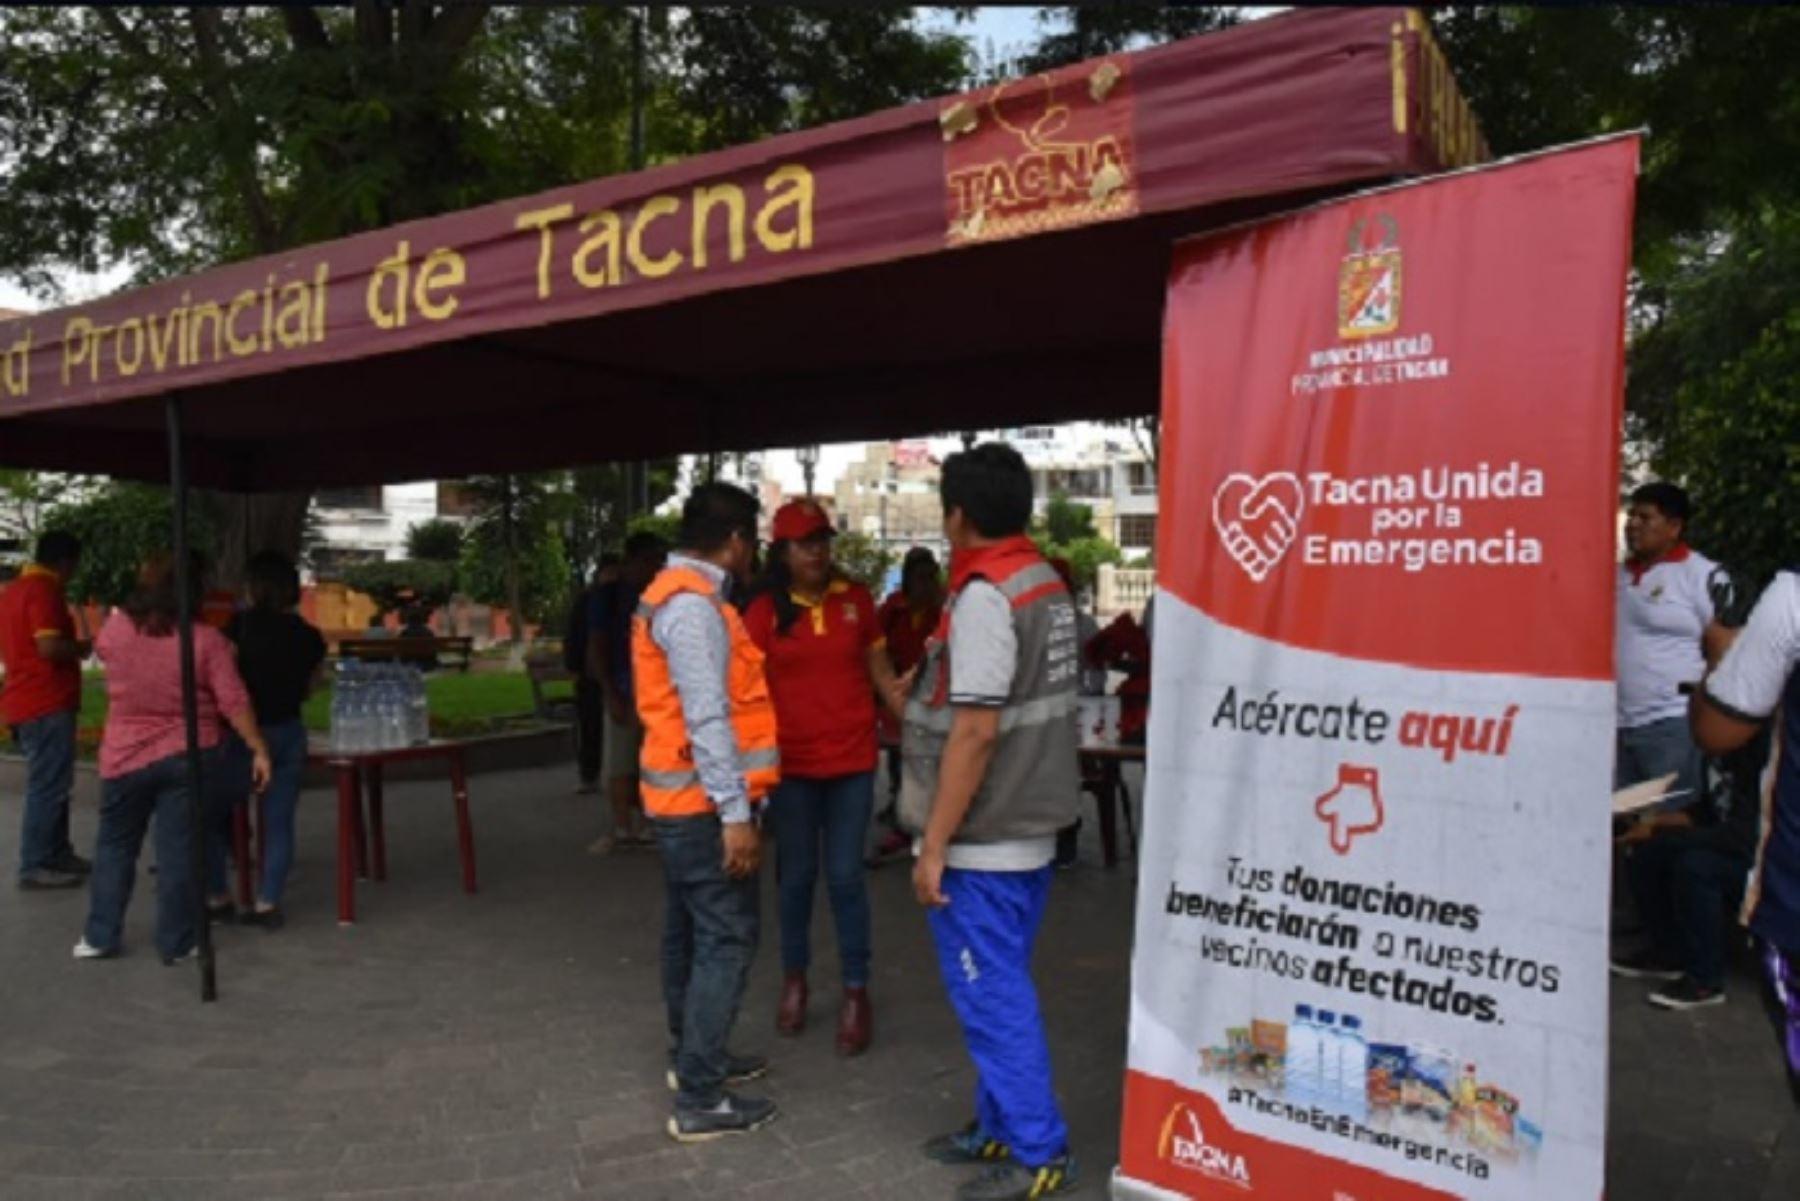 El alcalde provincial, Julio Medina, junto al grupo Scouts del Perú filial Tacna, llevarán los donativos hacia el sector La Florida para ser entregados a las personas afectadas.